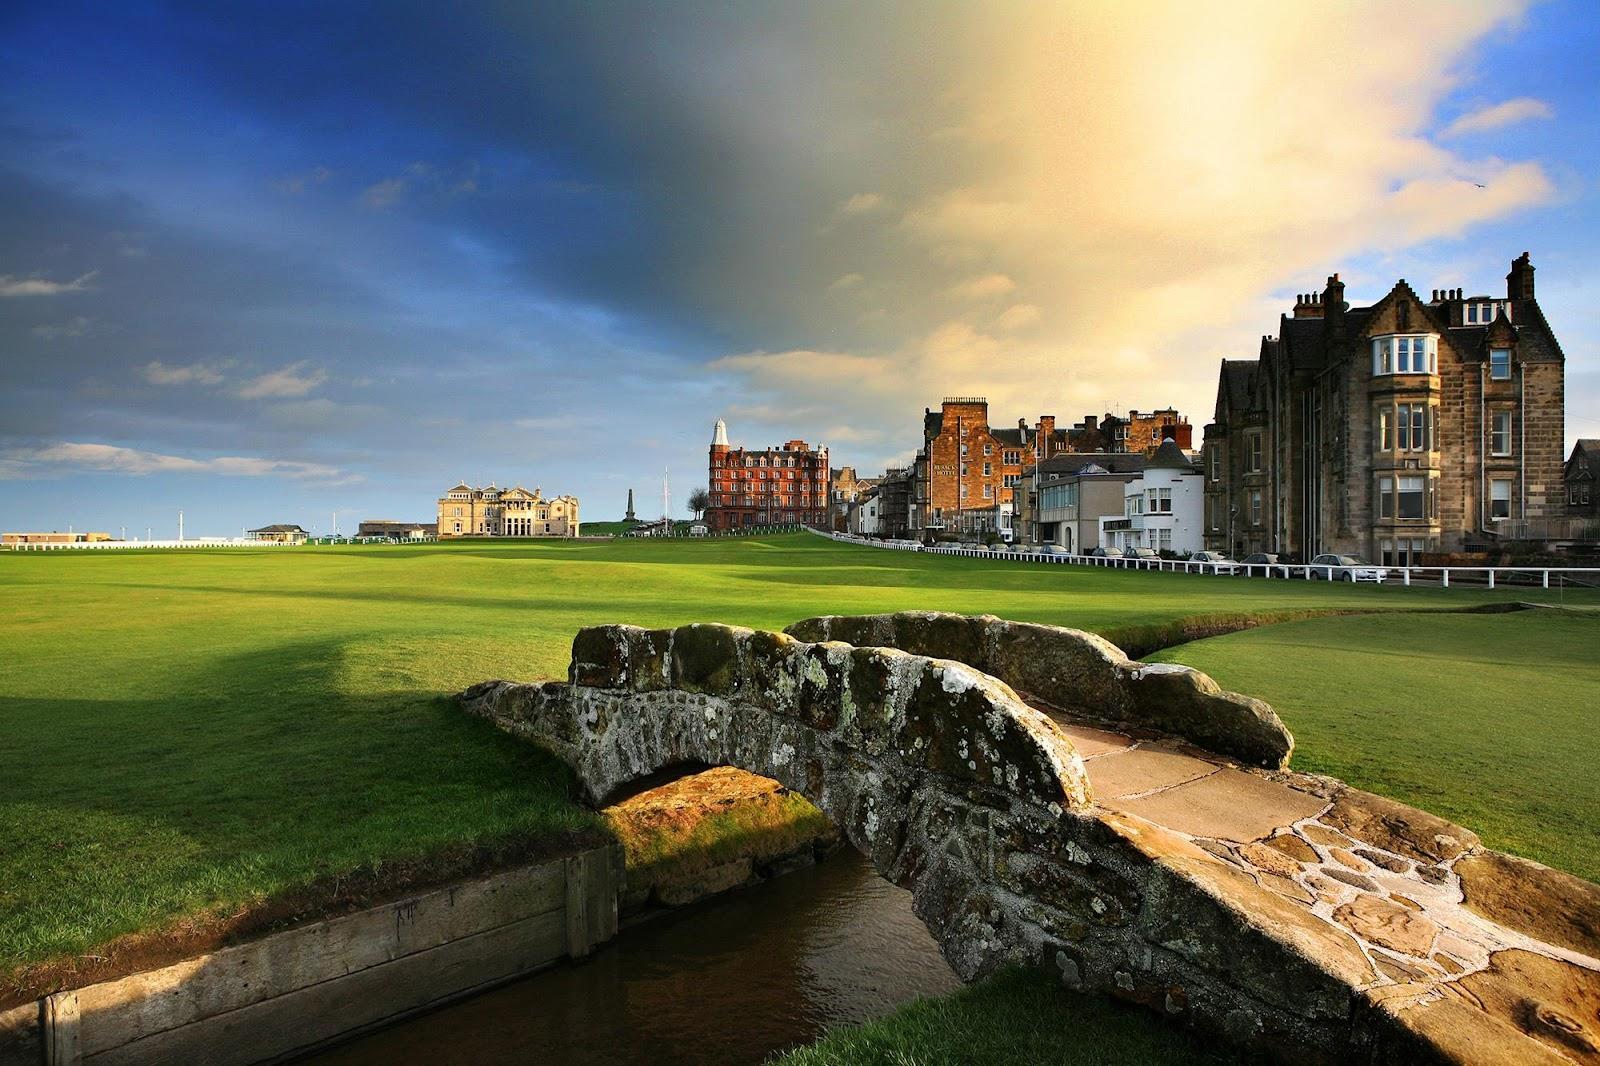 St Andrews - A bucket list golf trip - Carr Golf